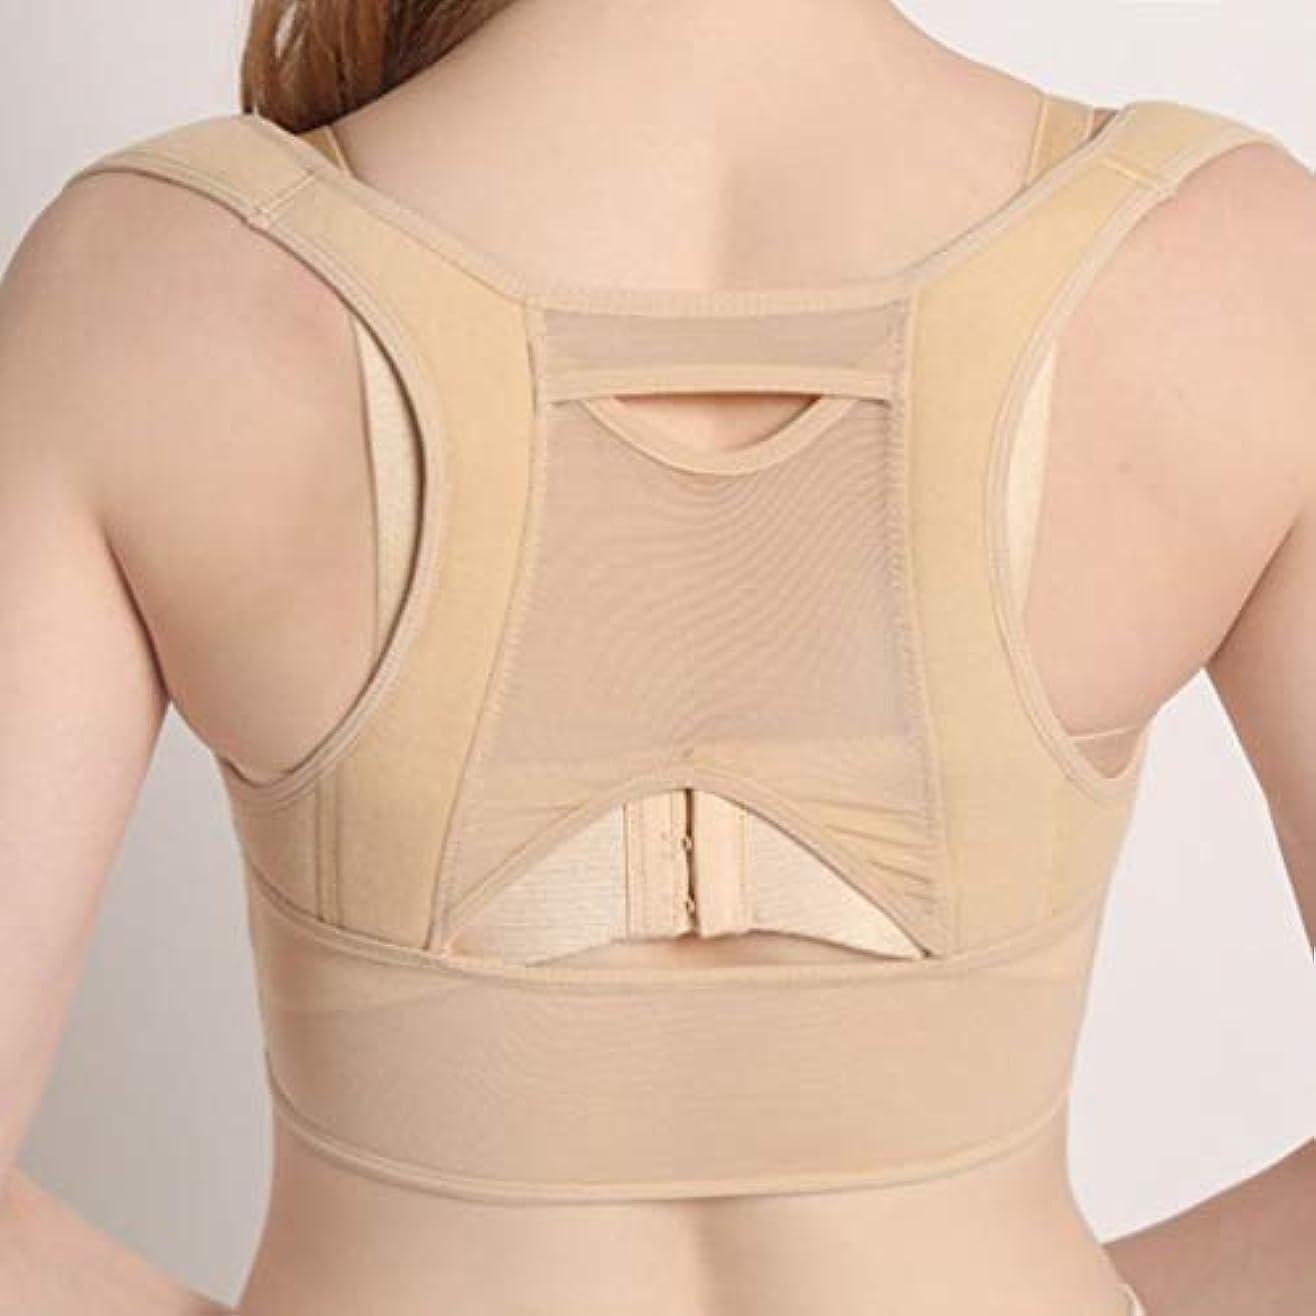 再生可能カジュアル休暇通気性のある女性の背中の姿勢矯正コルセット整形外科の肩の背骨の姿勢矯正腰椎サポート - ベージュホワイトM